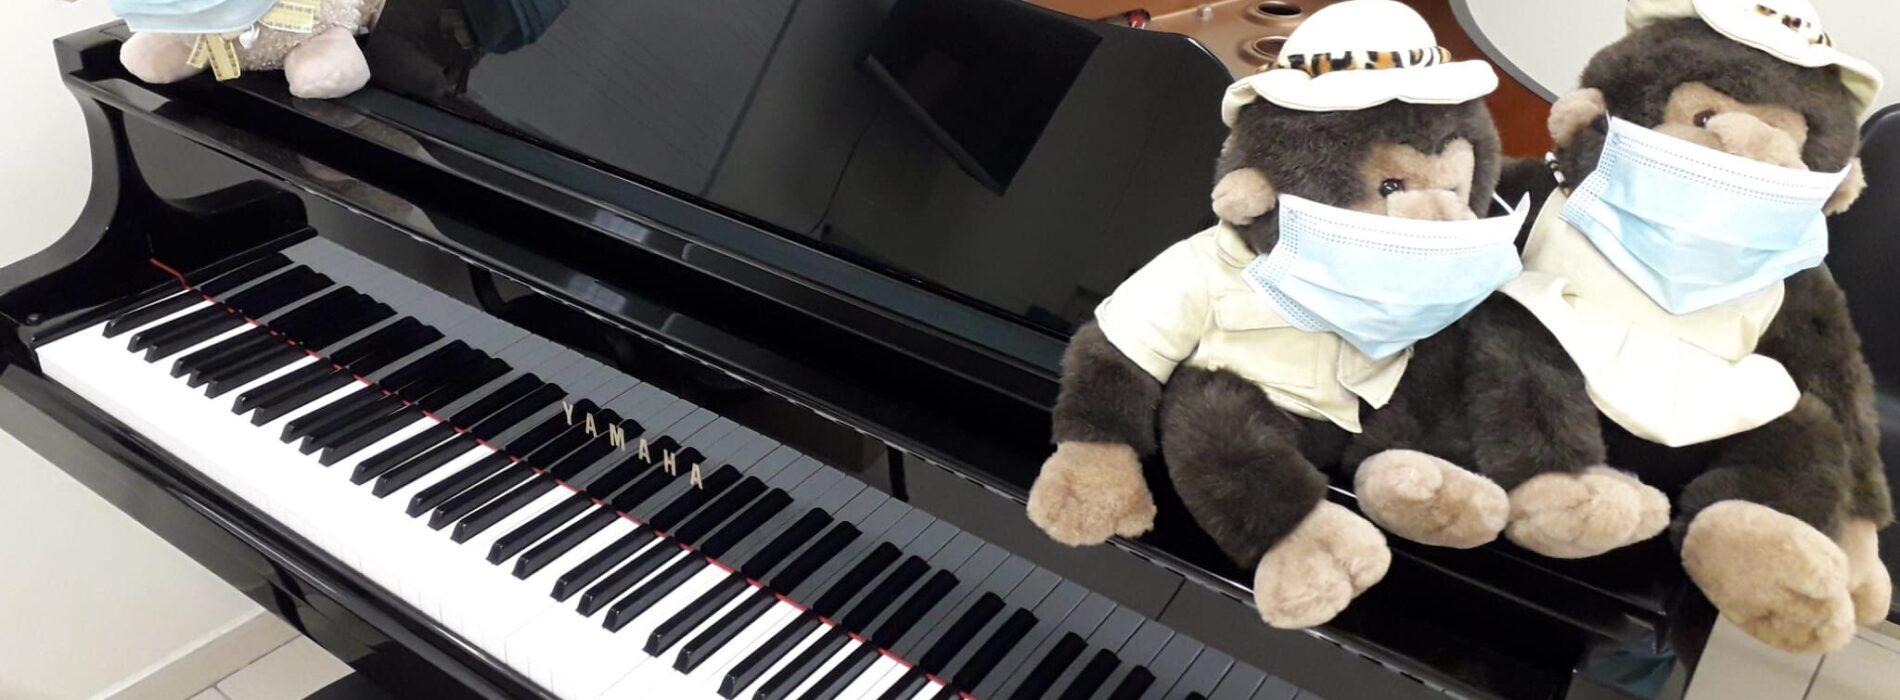 Accademia Musicale Yamaha, settembre con lezioni dimostrative